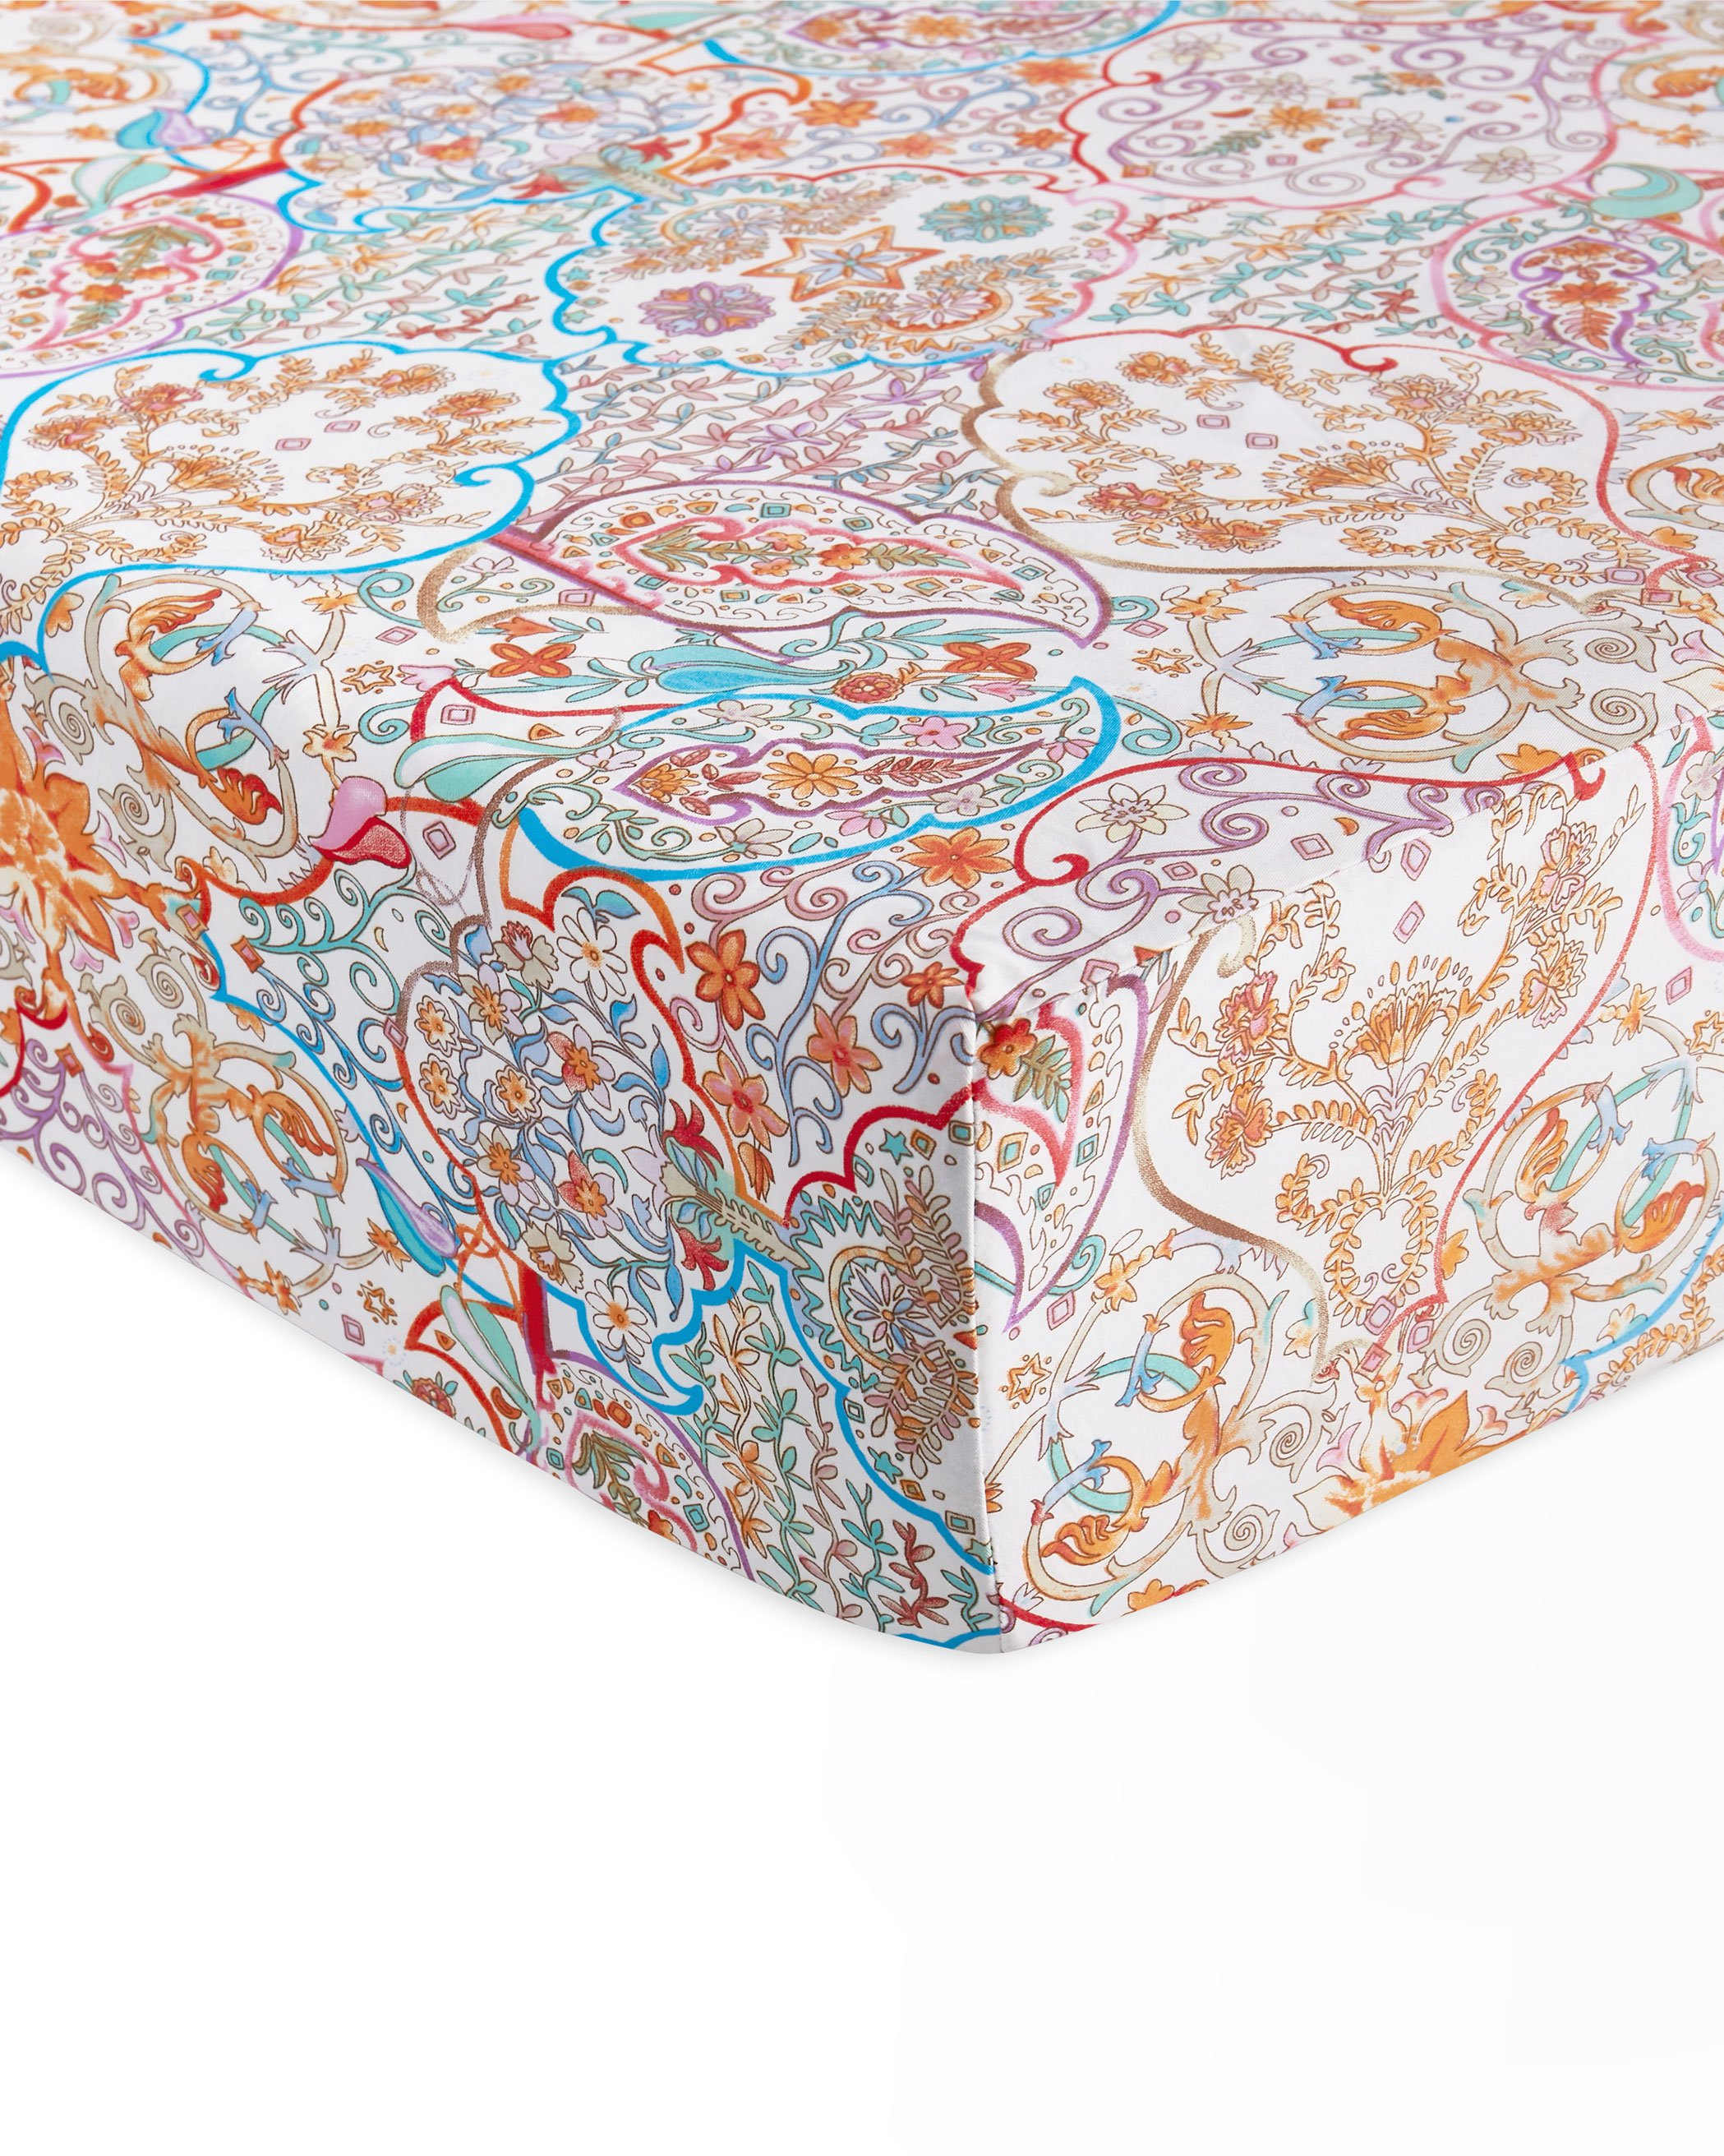 Bohemian Cotton Sheet Set